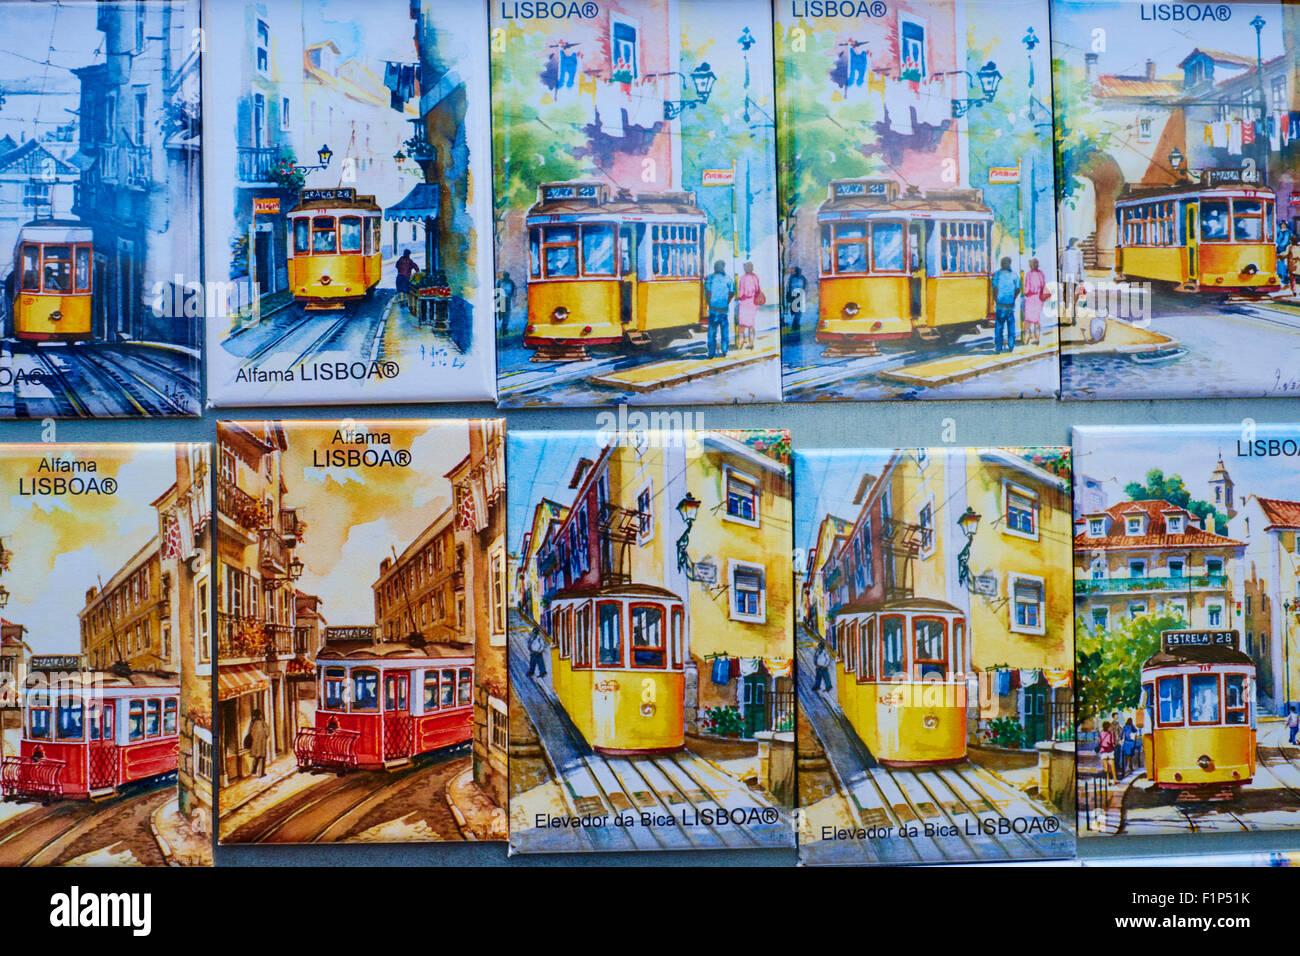 Portugal, Lisbonne, magasin de souvenirs, de l'aimant Photo Stock